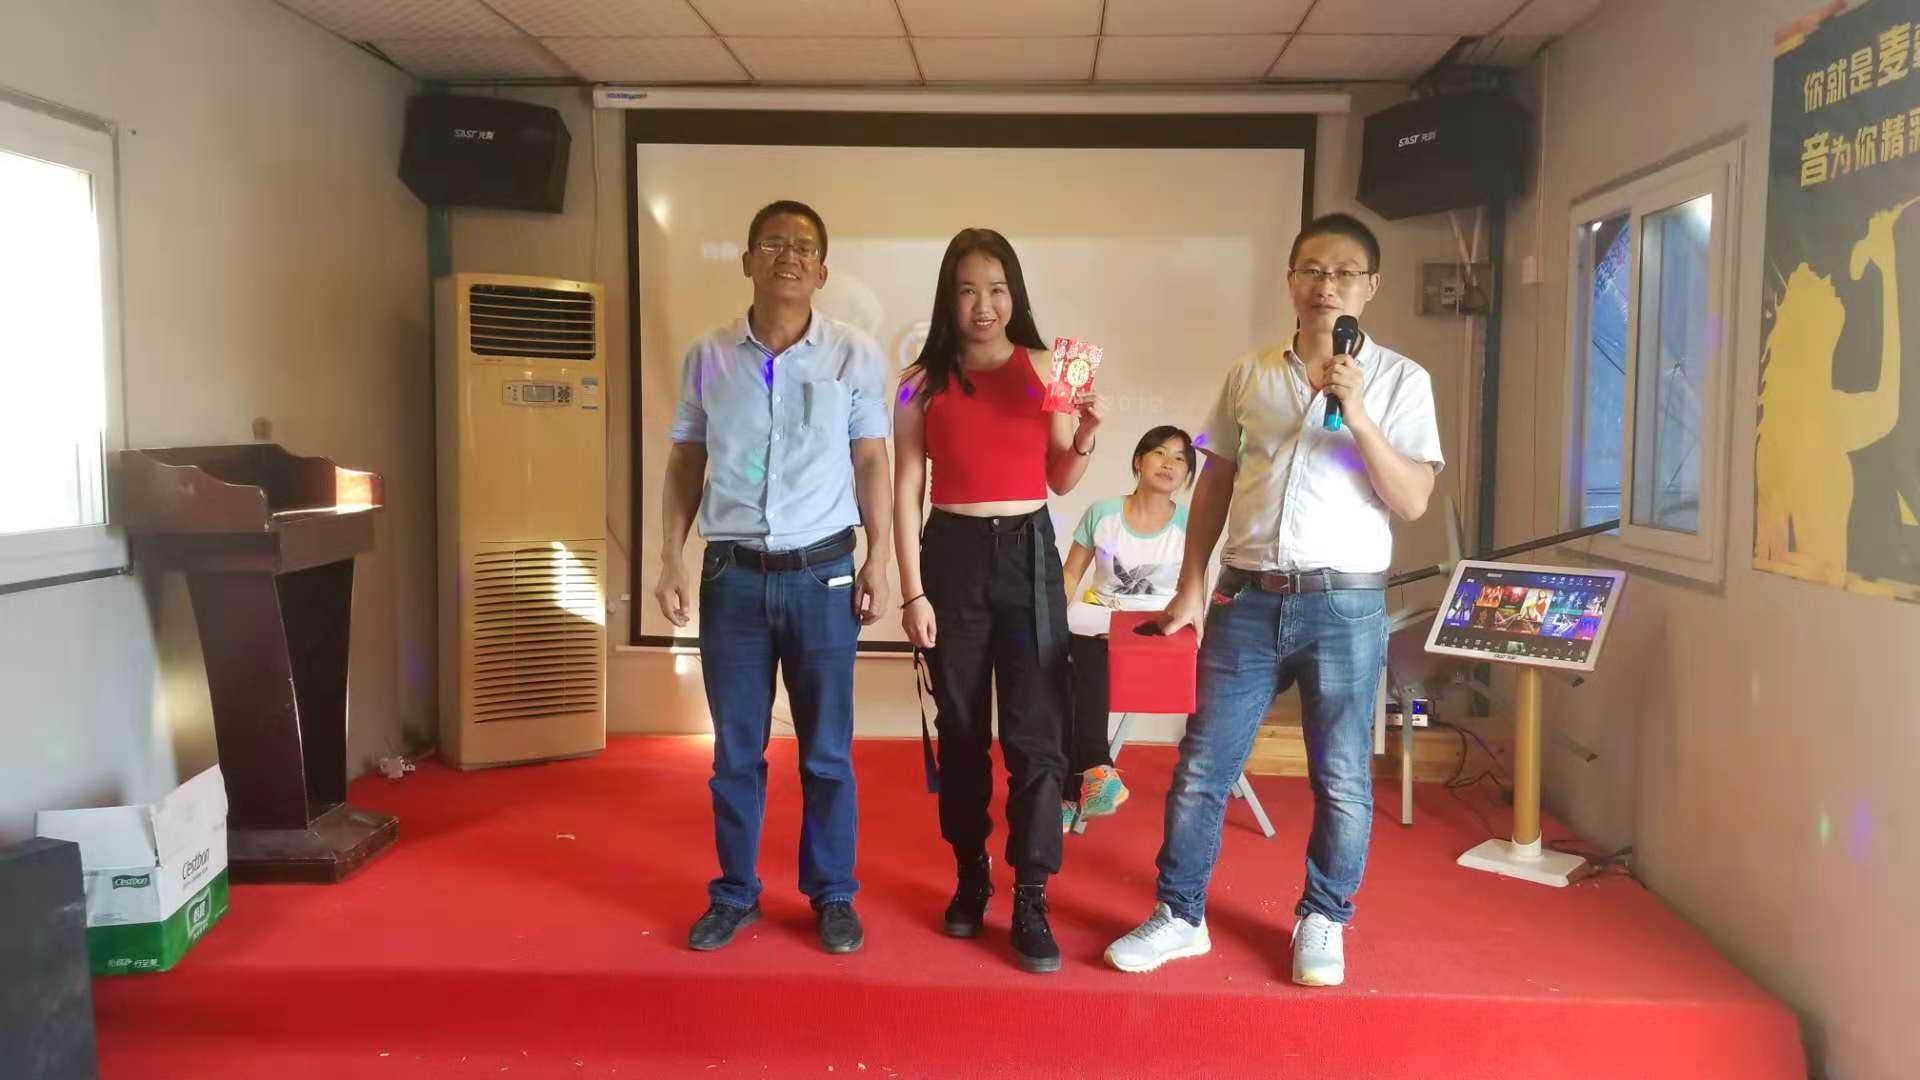 深圳农家乐-乐湖生态园康体休闲项目:卡拉OK唱歌